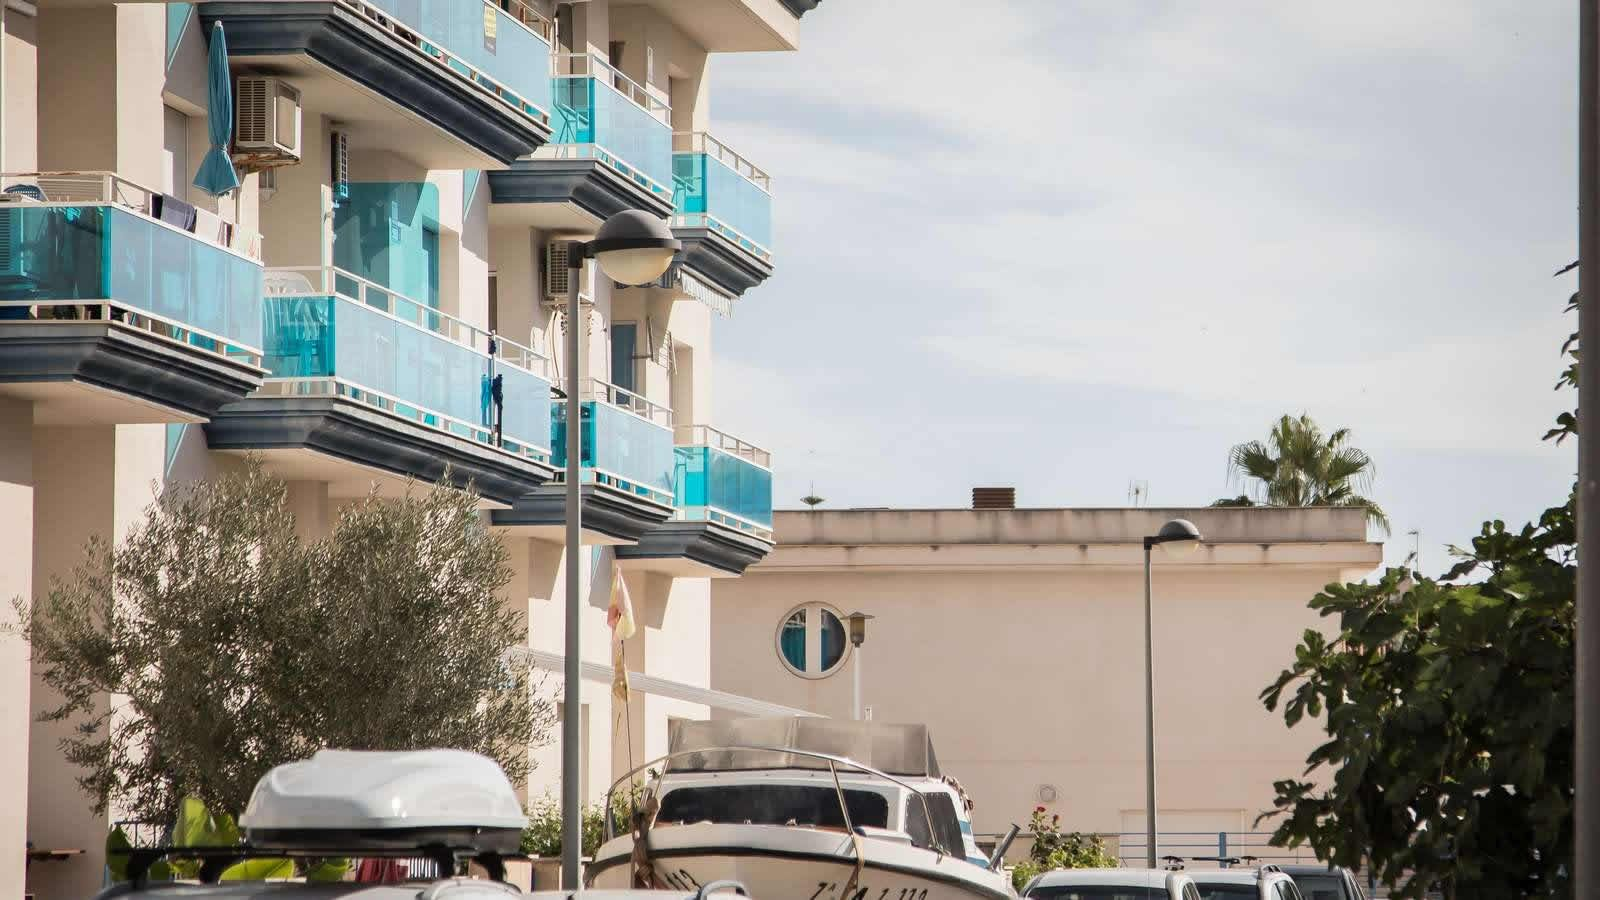 Apartments at the Carlos III Hotel in Alcanar - San Carlos de la Rapita – the Ebro Delta